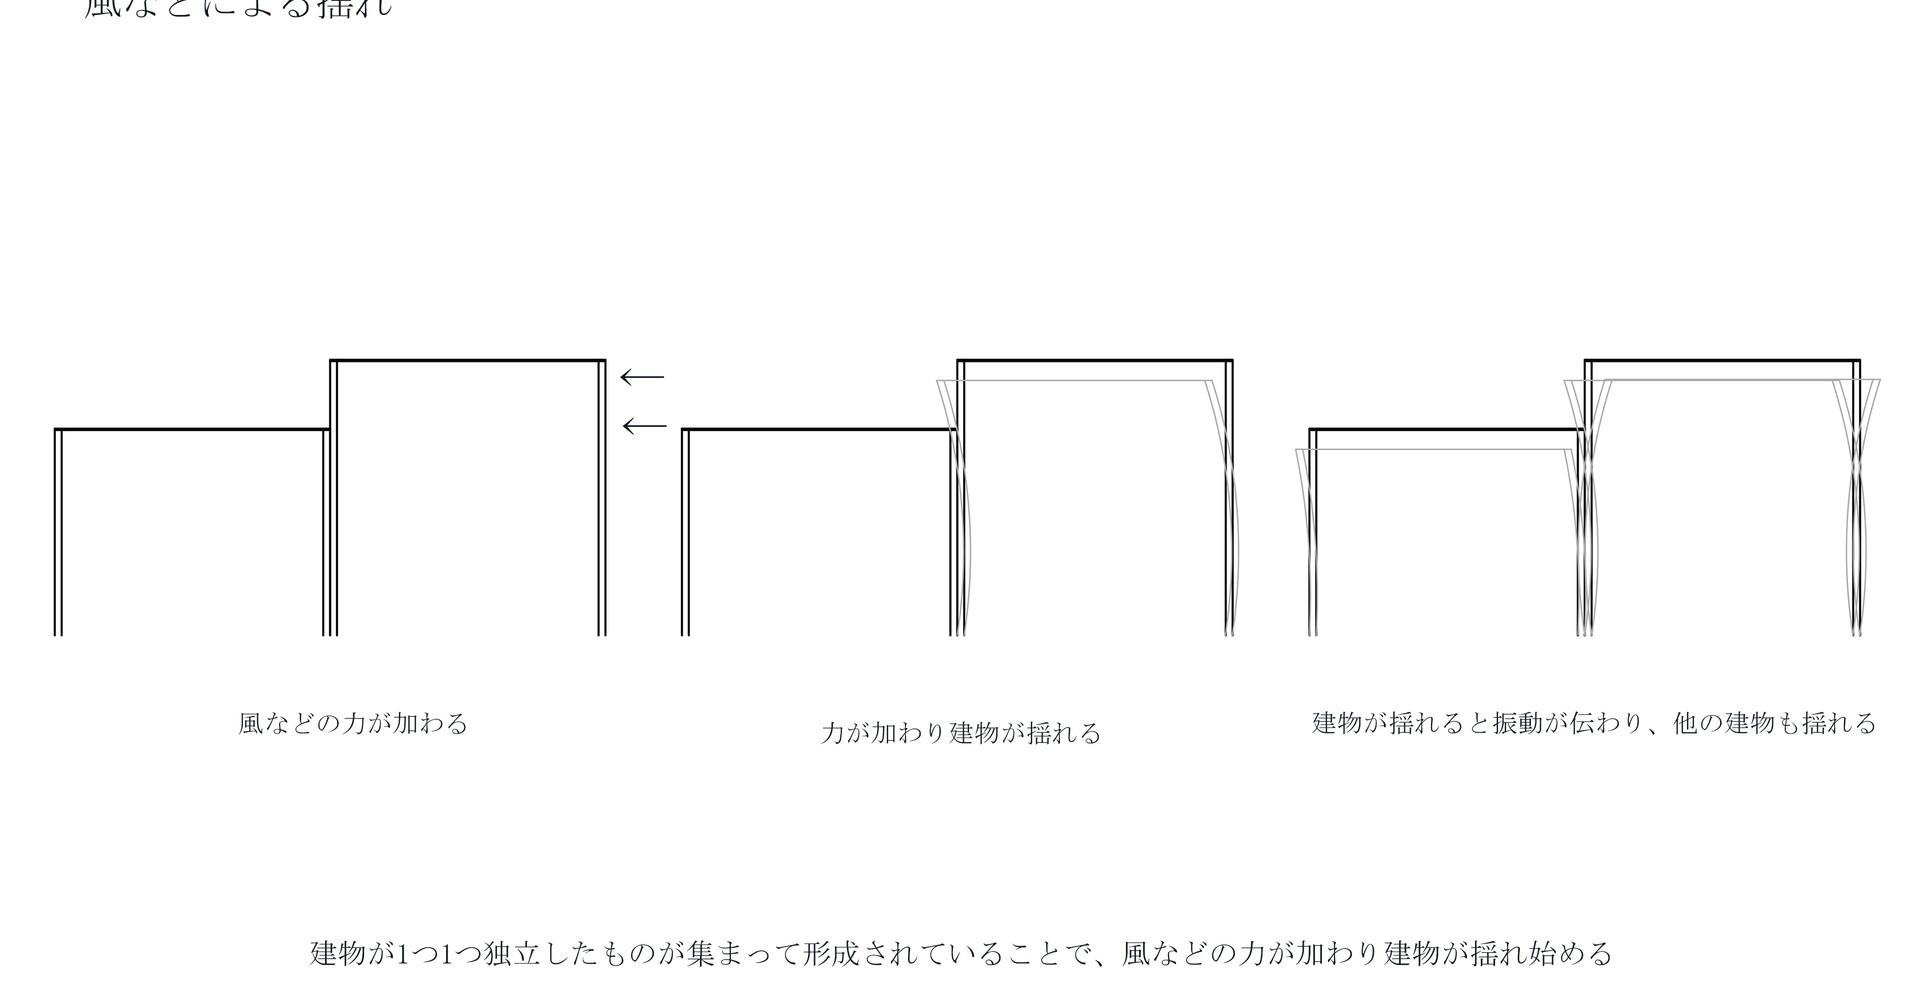 加藤静帆_11.jpg